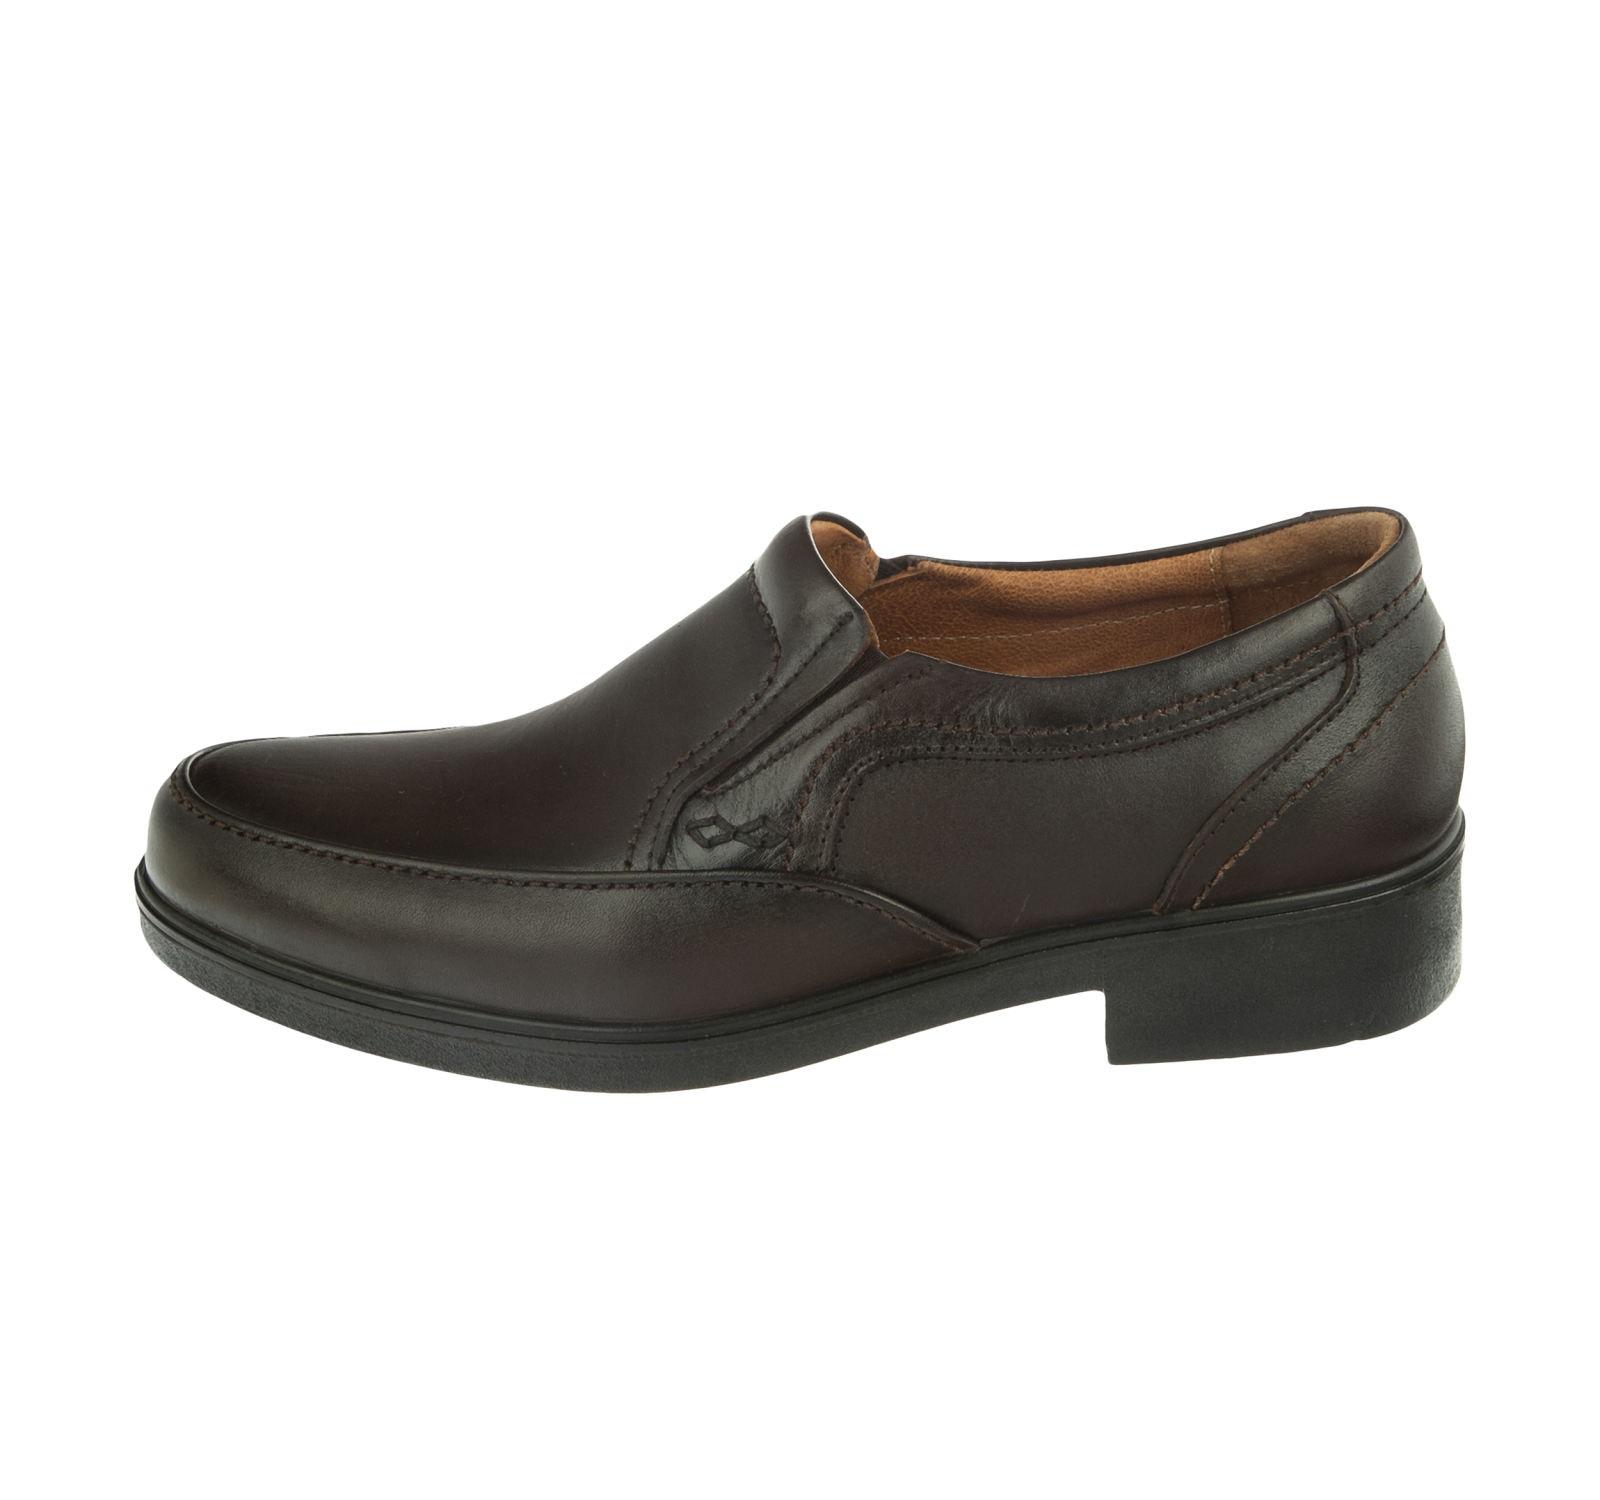 کفش مردانه طبی مجلسی کد 1012